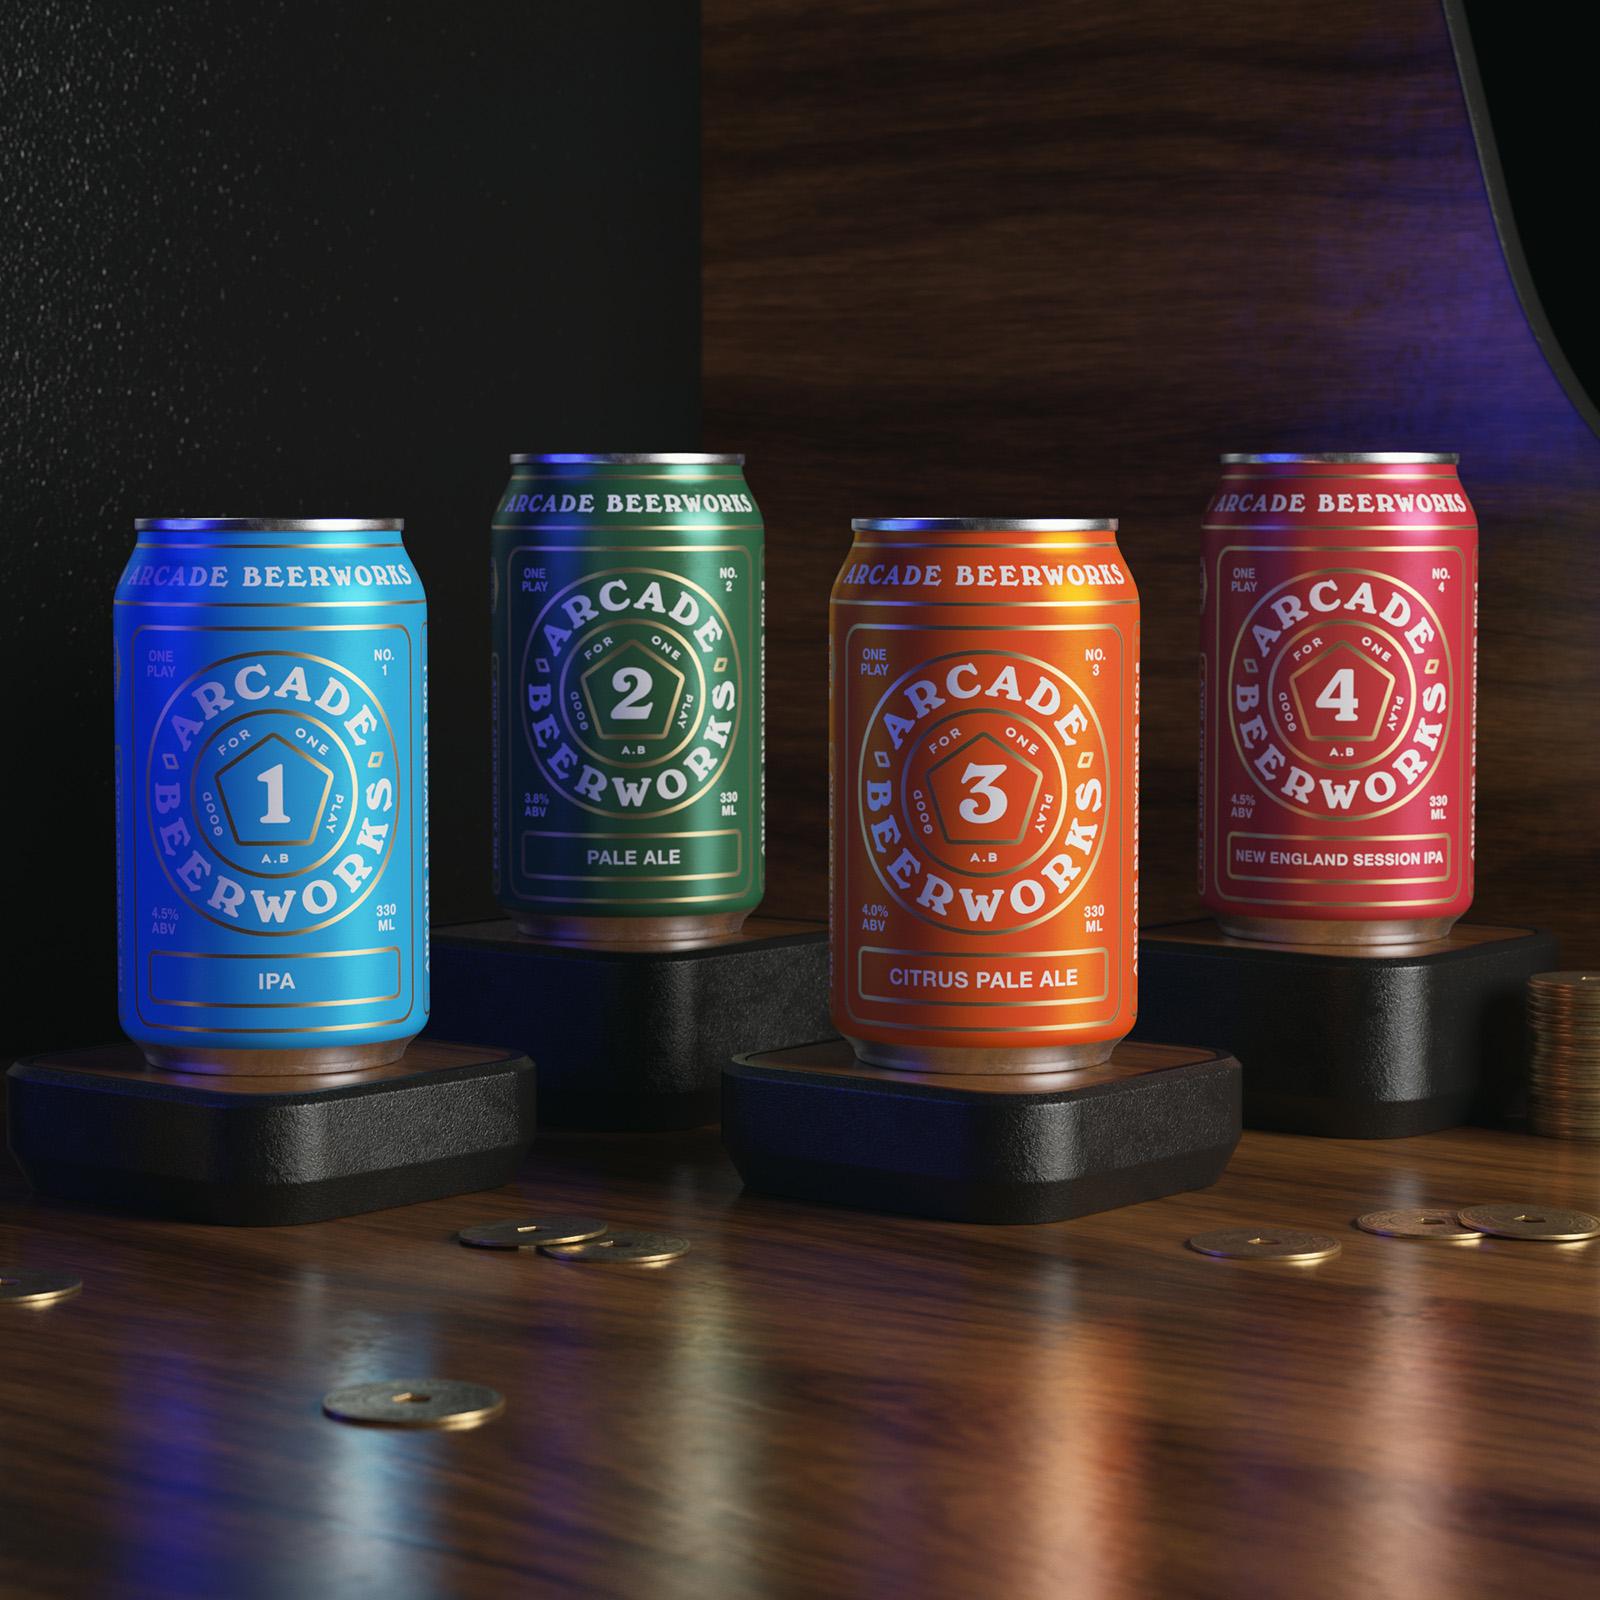 Arcade Beerworks Taster Pack by Arcade Beerworks